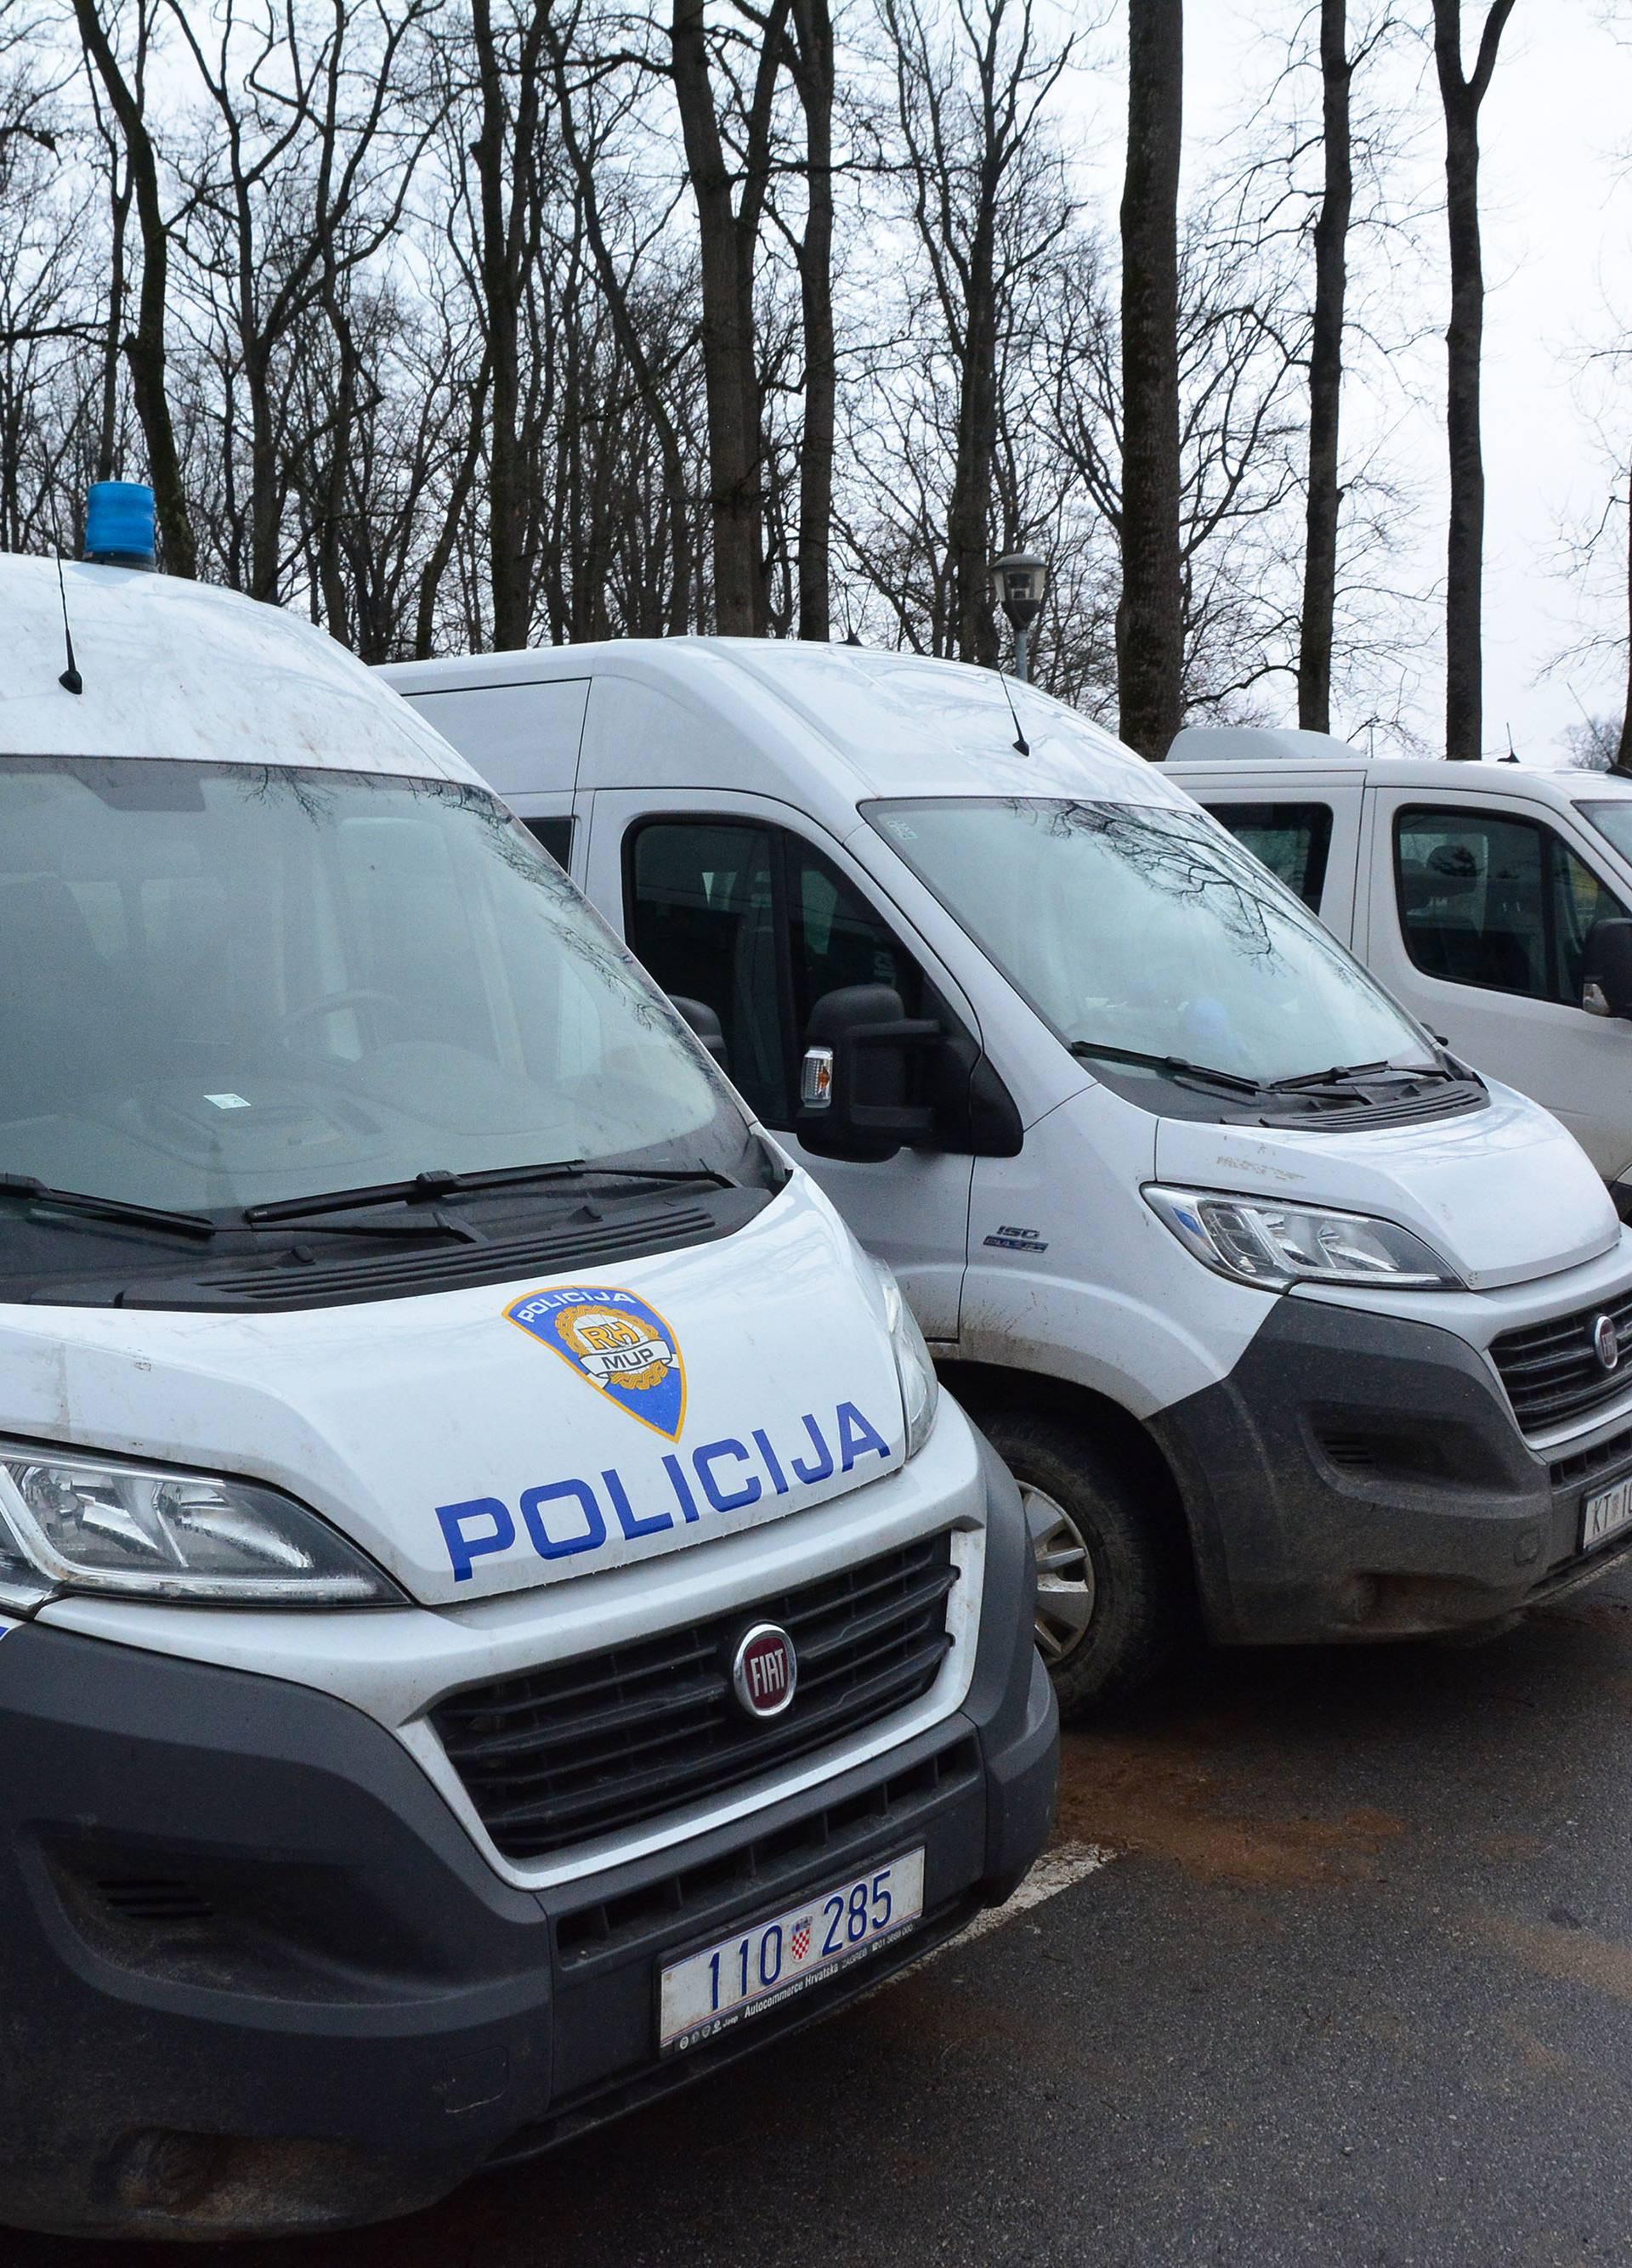 Istraga protiv 8 ljudi: Tvrtku iz Kutine oštetili za 660.000 kn